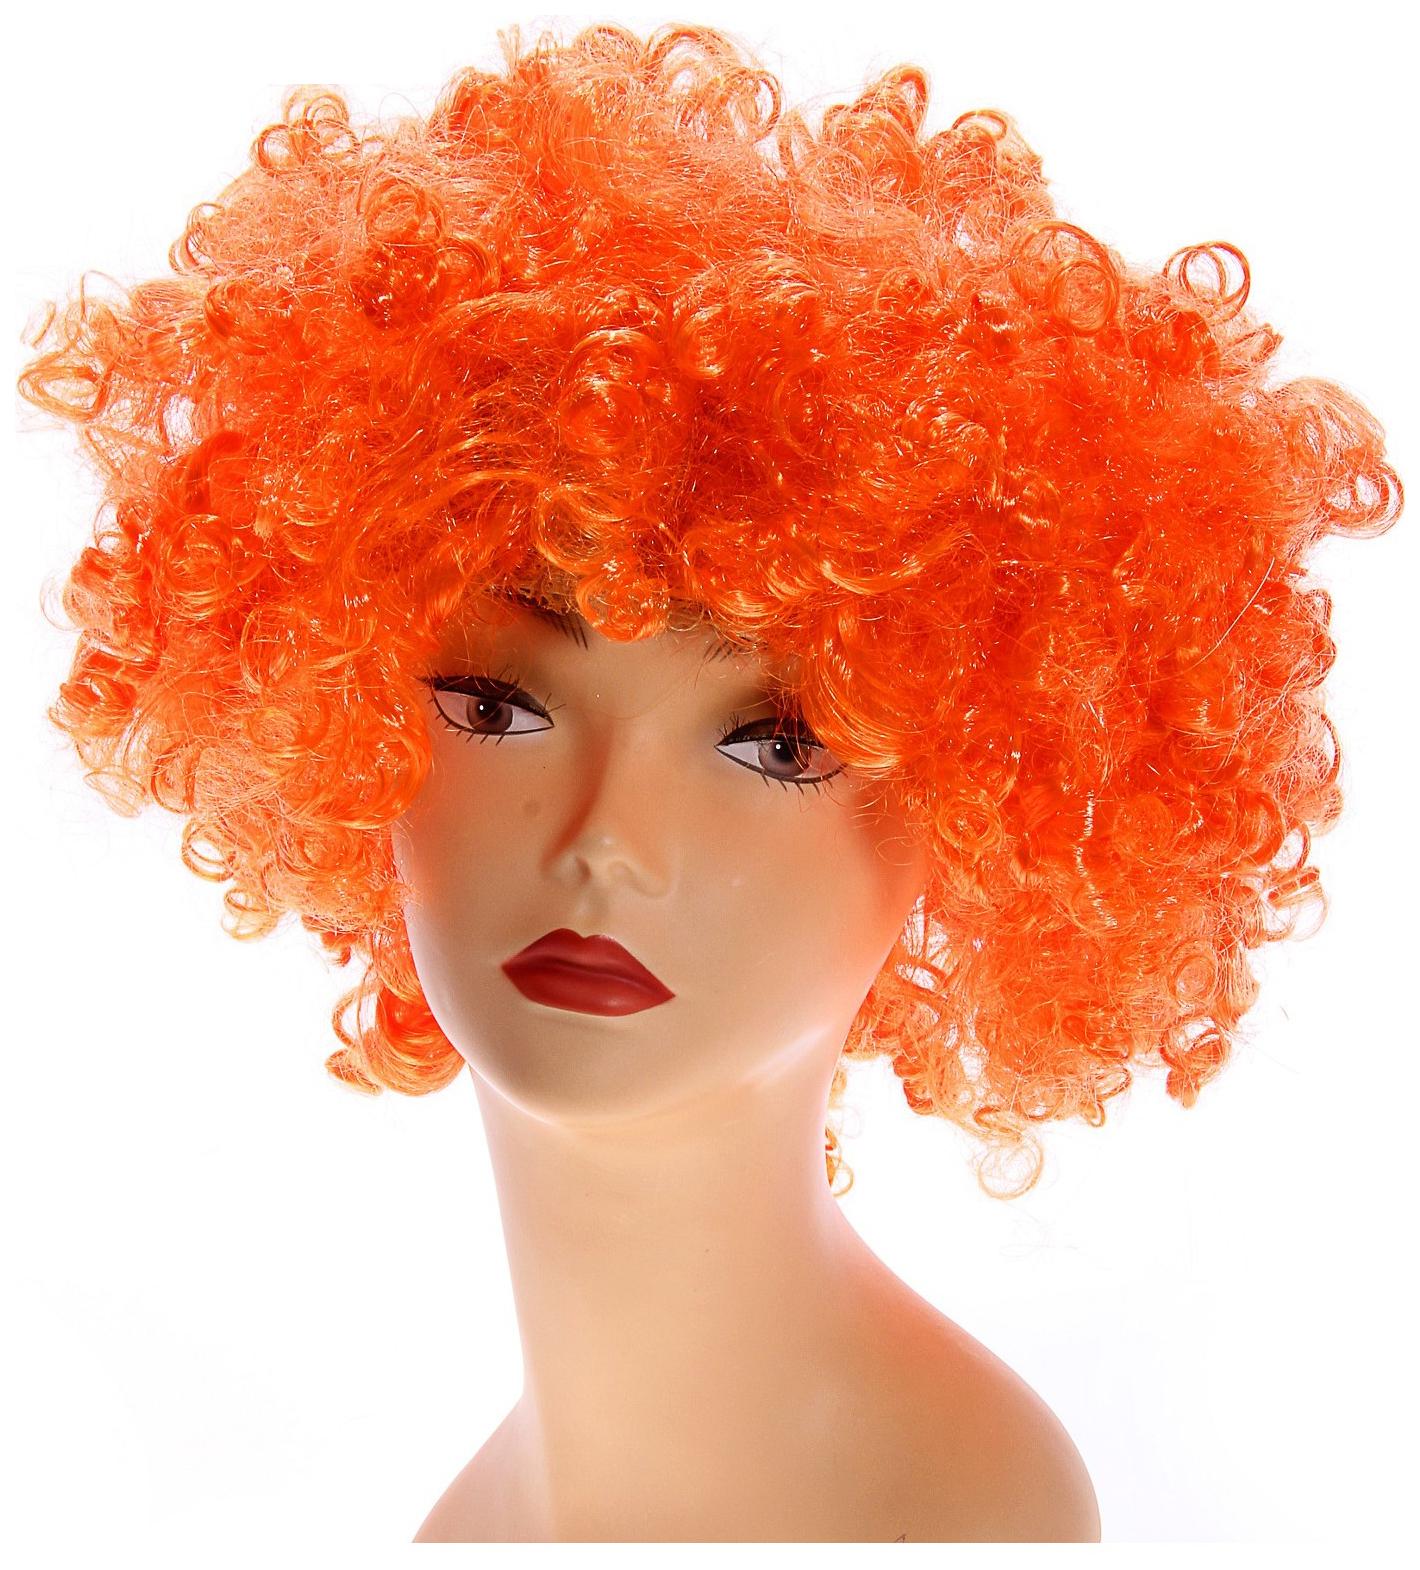 Карнавальный парик Объём, цвет оранжевый, 120 г Страна Карнавалия